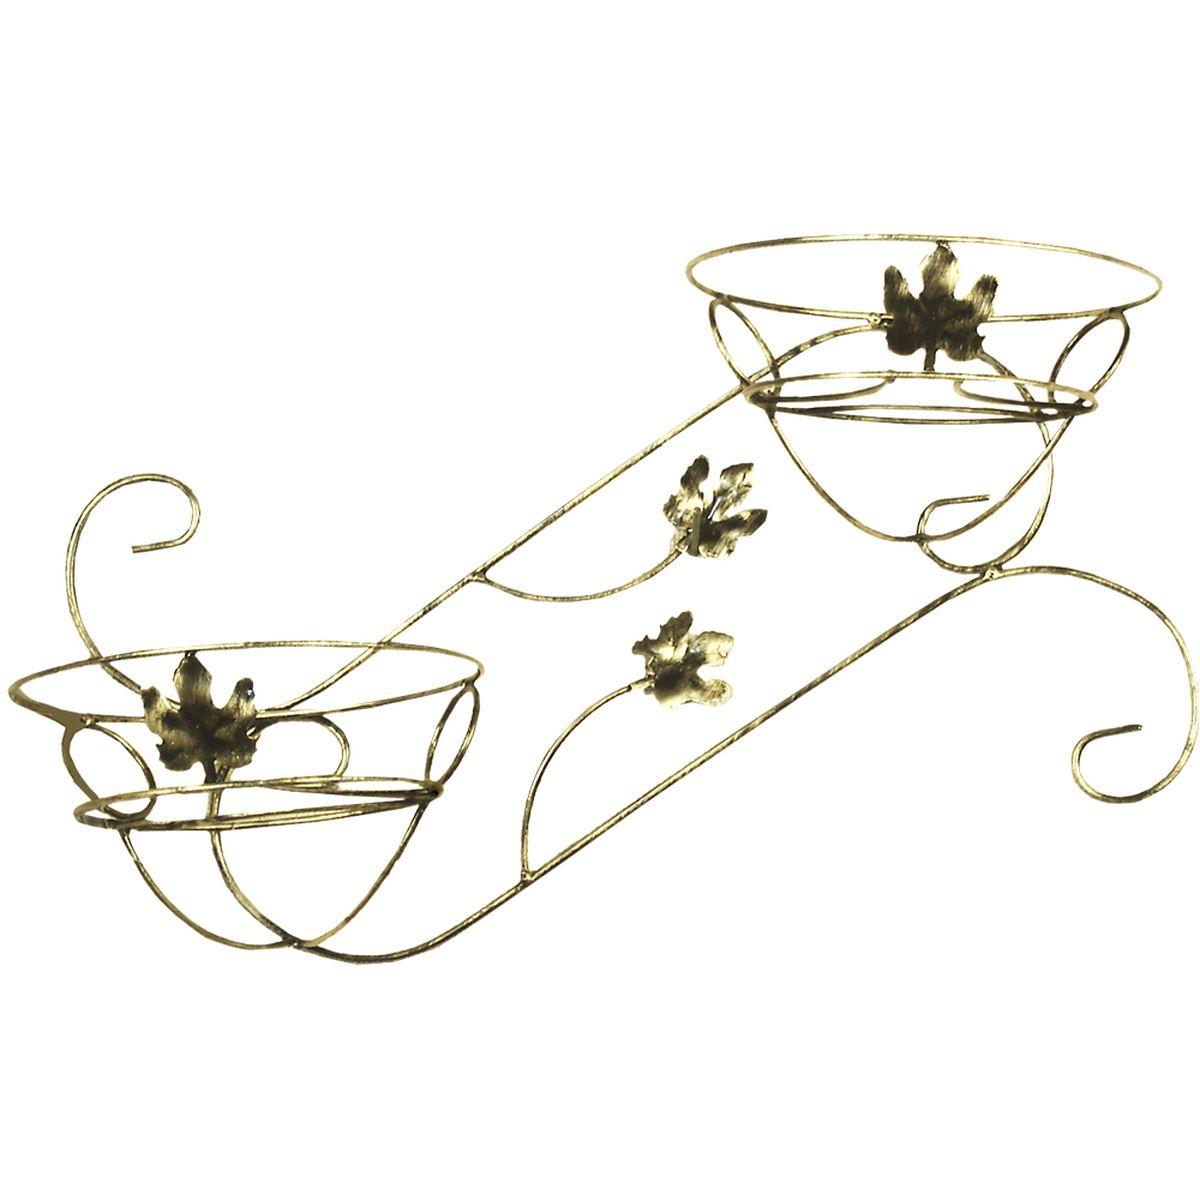 Подставка для цветов Фабрика ковки, настенная, на 2 цветка, цвет: черный, золотистый. 15-10215-102Кованная подставка станет прекрасным украшением любого интерьера. Подставка выполнена из металлических прутьев, цветом черное с золотым. Подставка декорирована кольцами и кленовыми листиками, предназначена для двух цветков. Корзинки при этом размещаются на разных уровнях, что позволяет создавать удивительные цветочные композиции